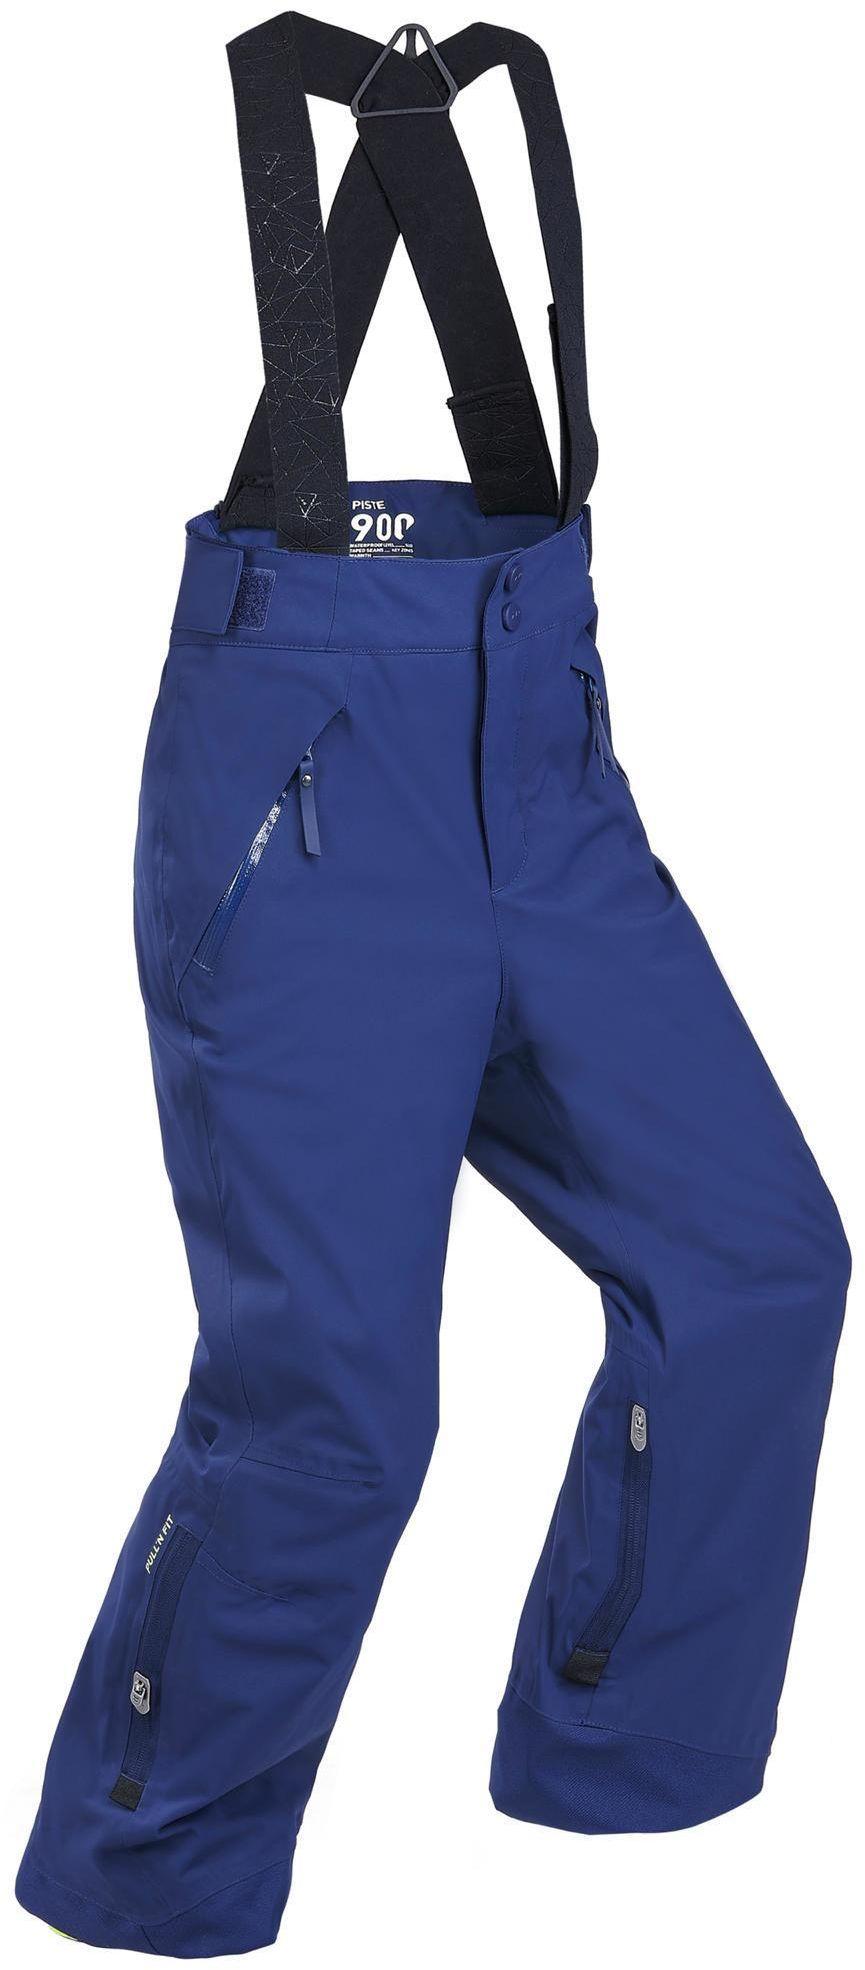 Spodnie narciarskie dla dzieci Wedze 900 PNF